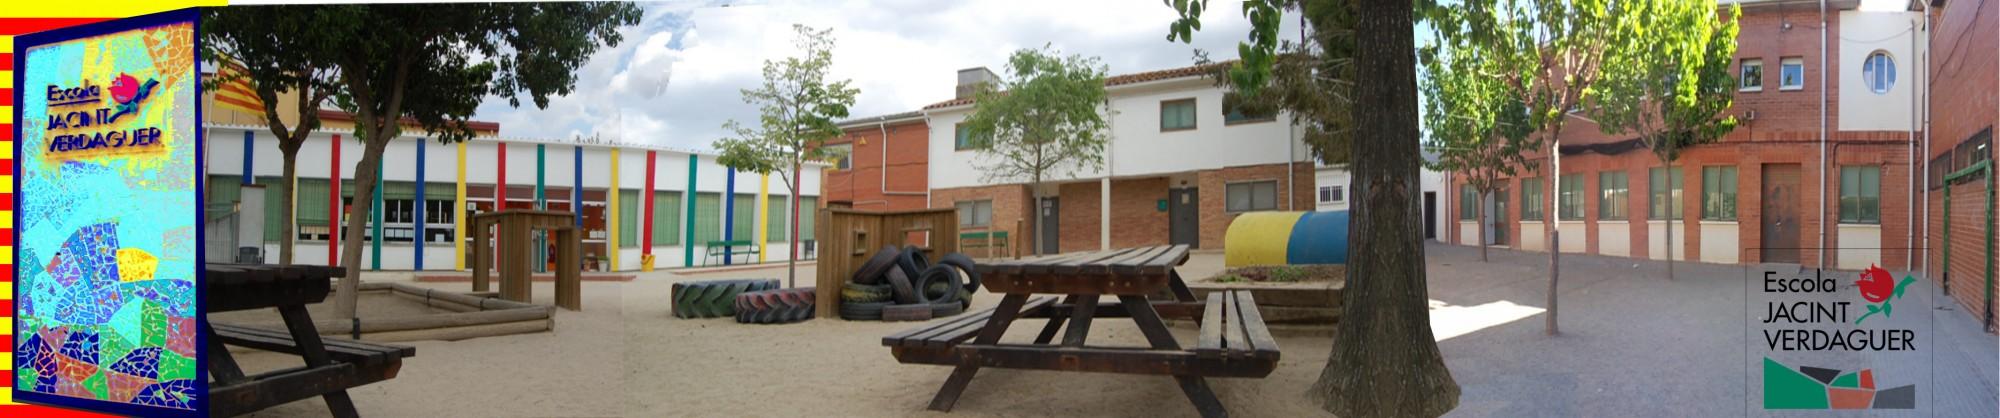 Escola Jacint Verdaguer.  La Granada